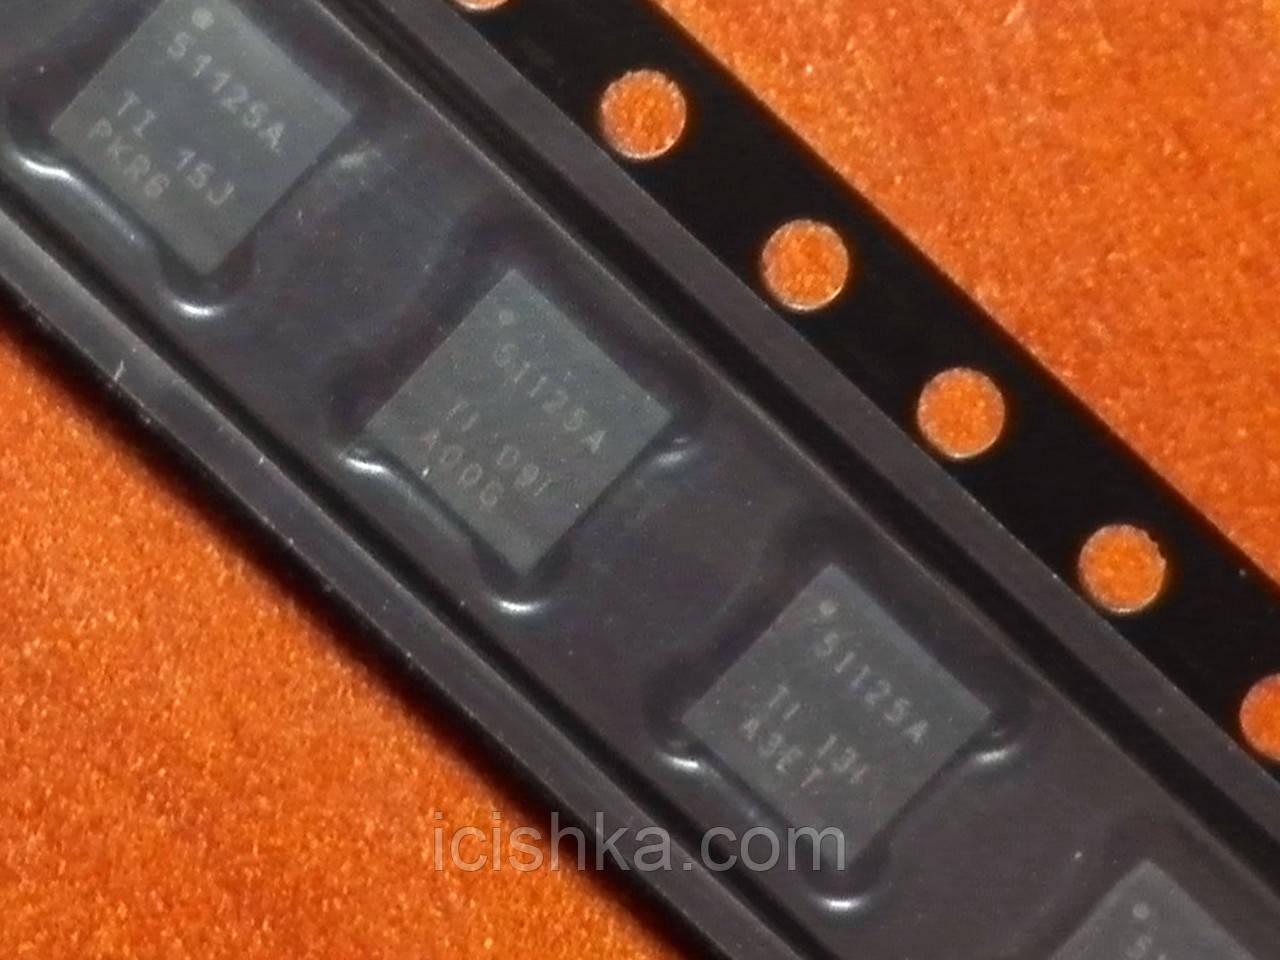 TPS51125ARGE / TPS51125A / 51125A QFN24 Step-Down